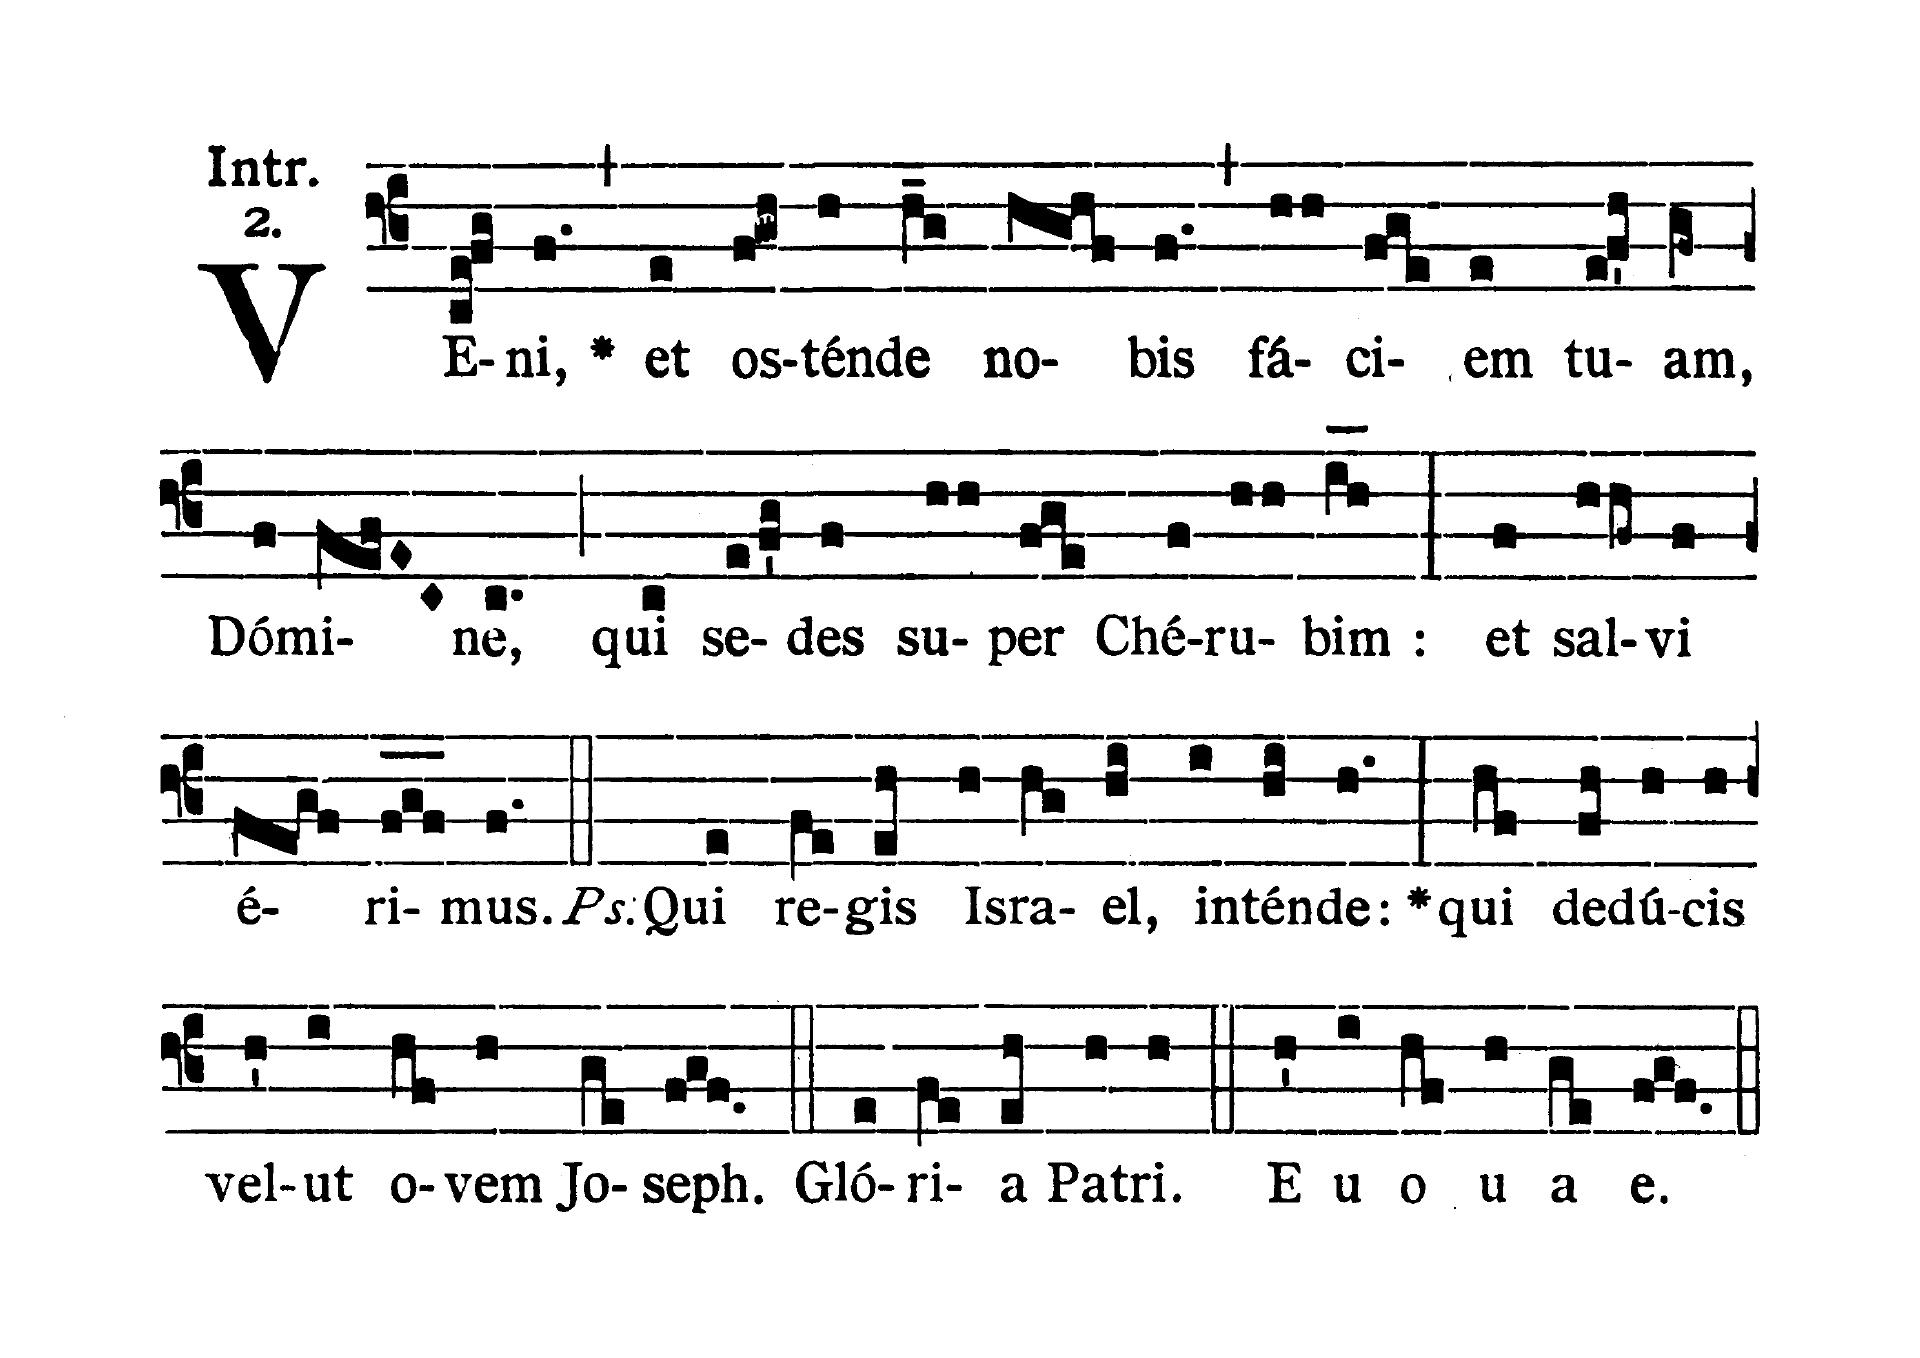 Sabbato Quatuor Temporum Adventus (Ember Saturday of Advent) - Introitus (Veni et ostende nobis)